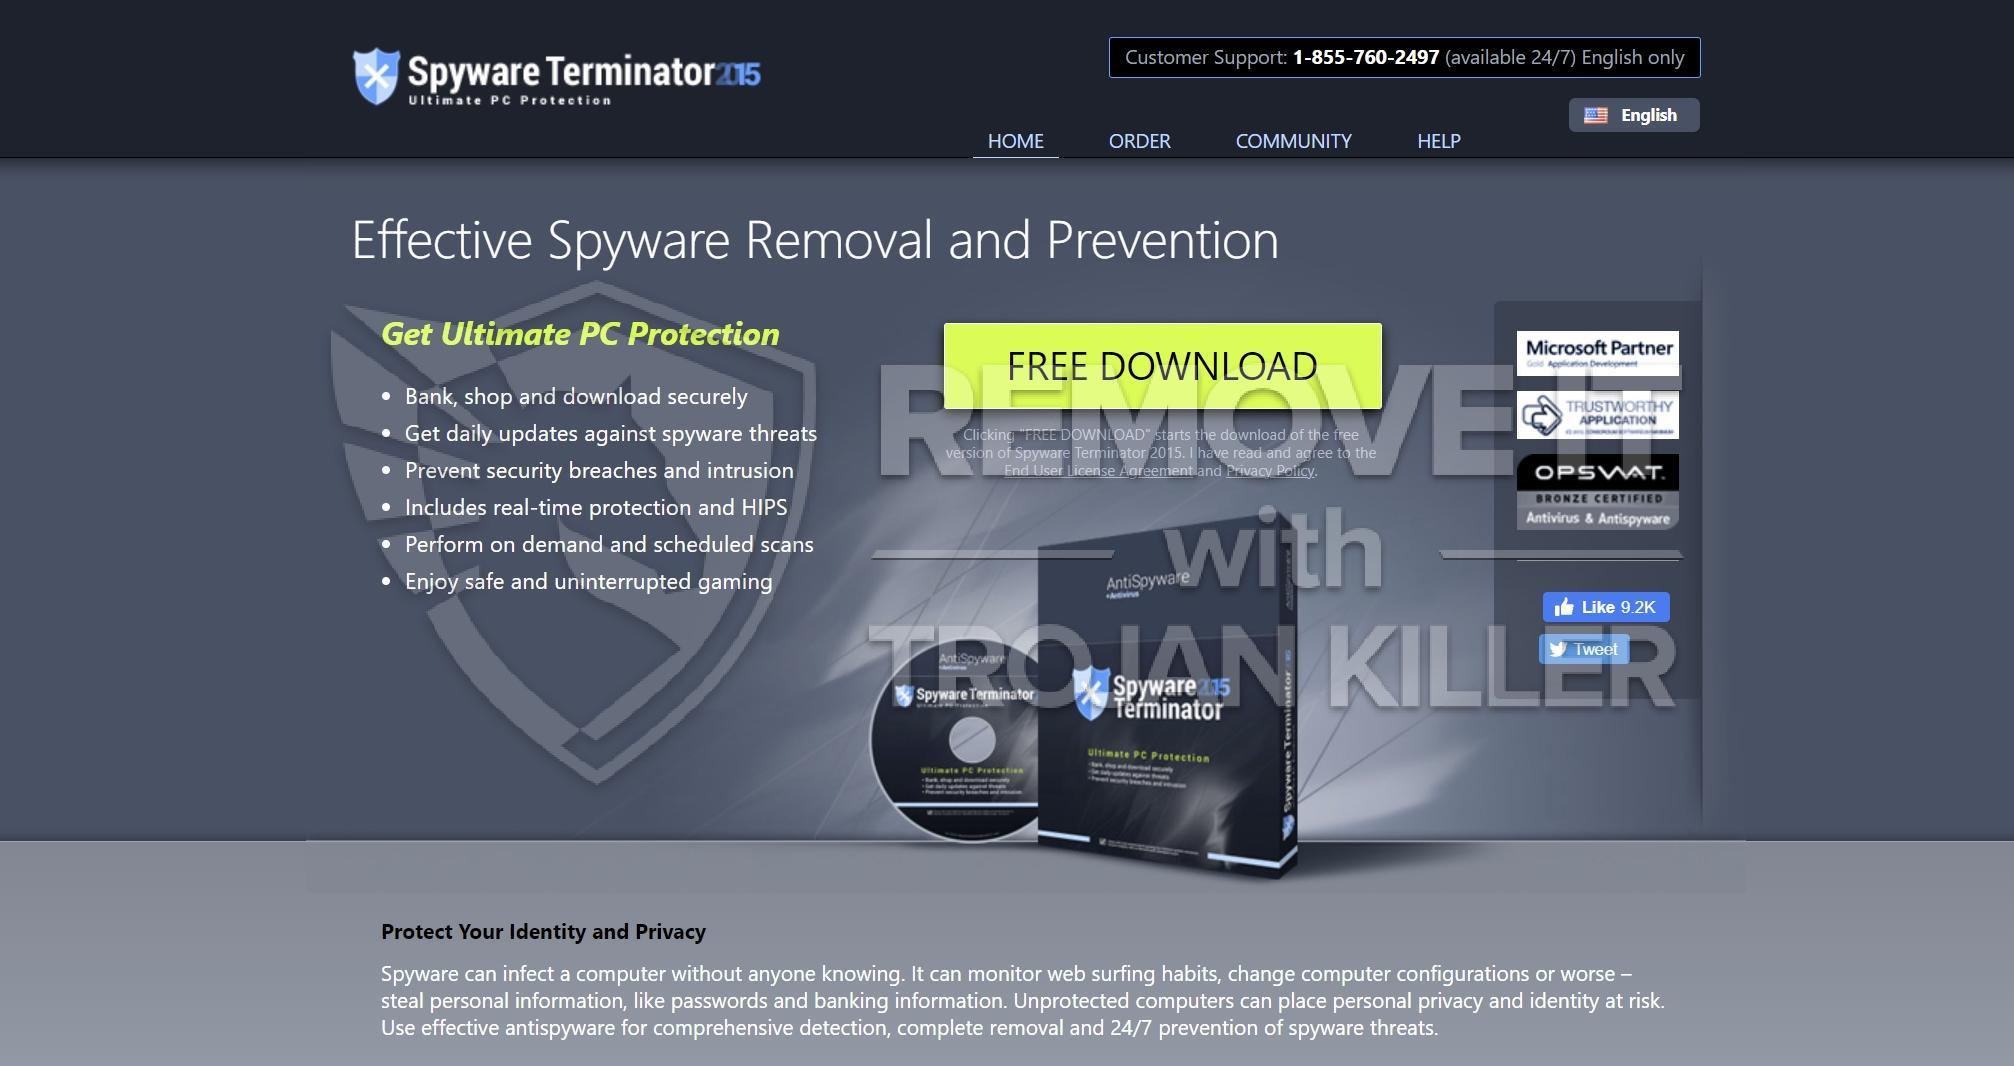 remove Spyware Terminator